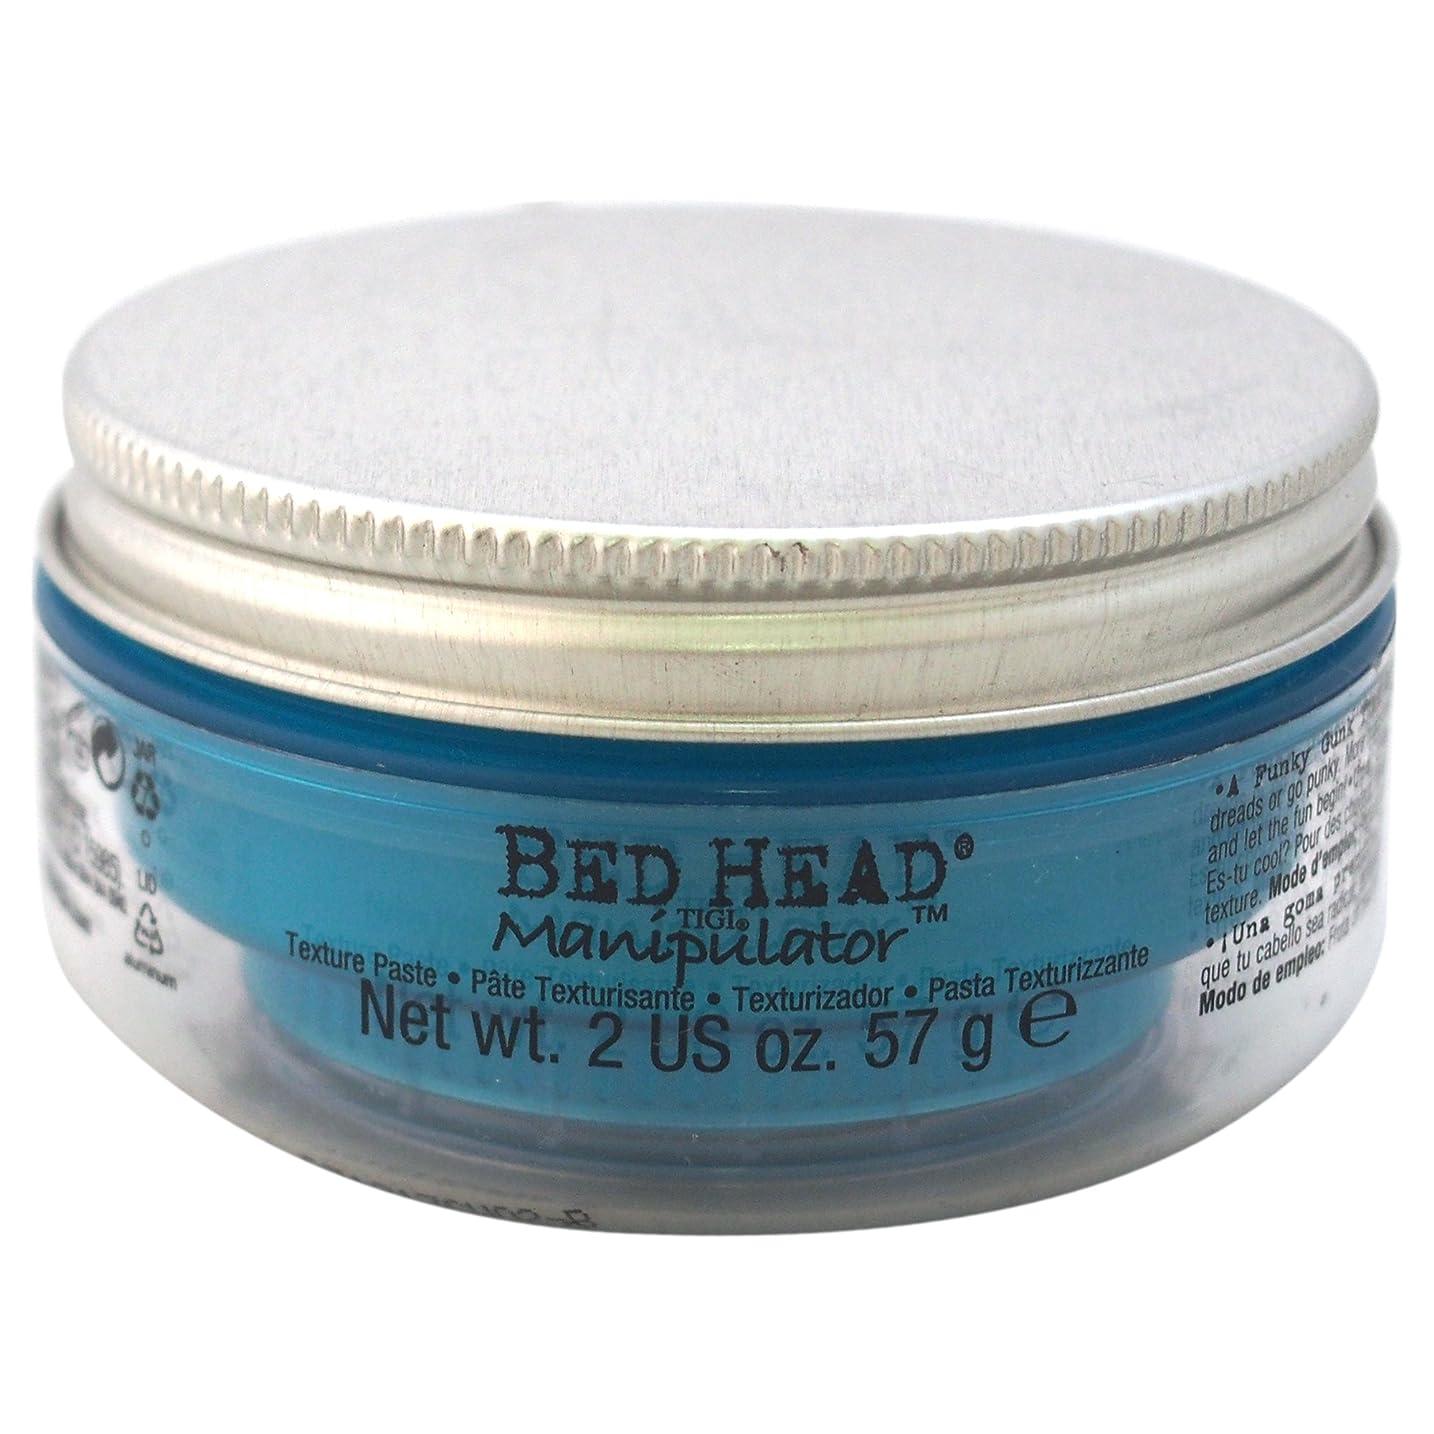 メロディアス帰る天才ティジー ベッドヘッドマニピュレーター テキシチヤ ペースト Tigi Bed Head Manipulator Texture Paste 57 ml [並行輸入品]